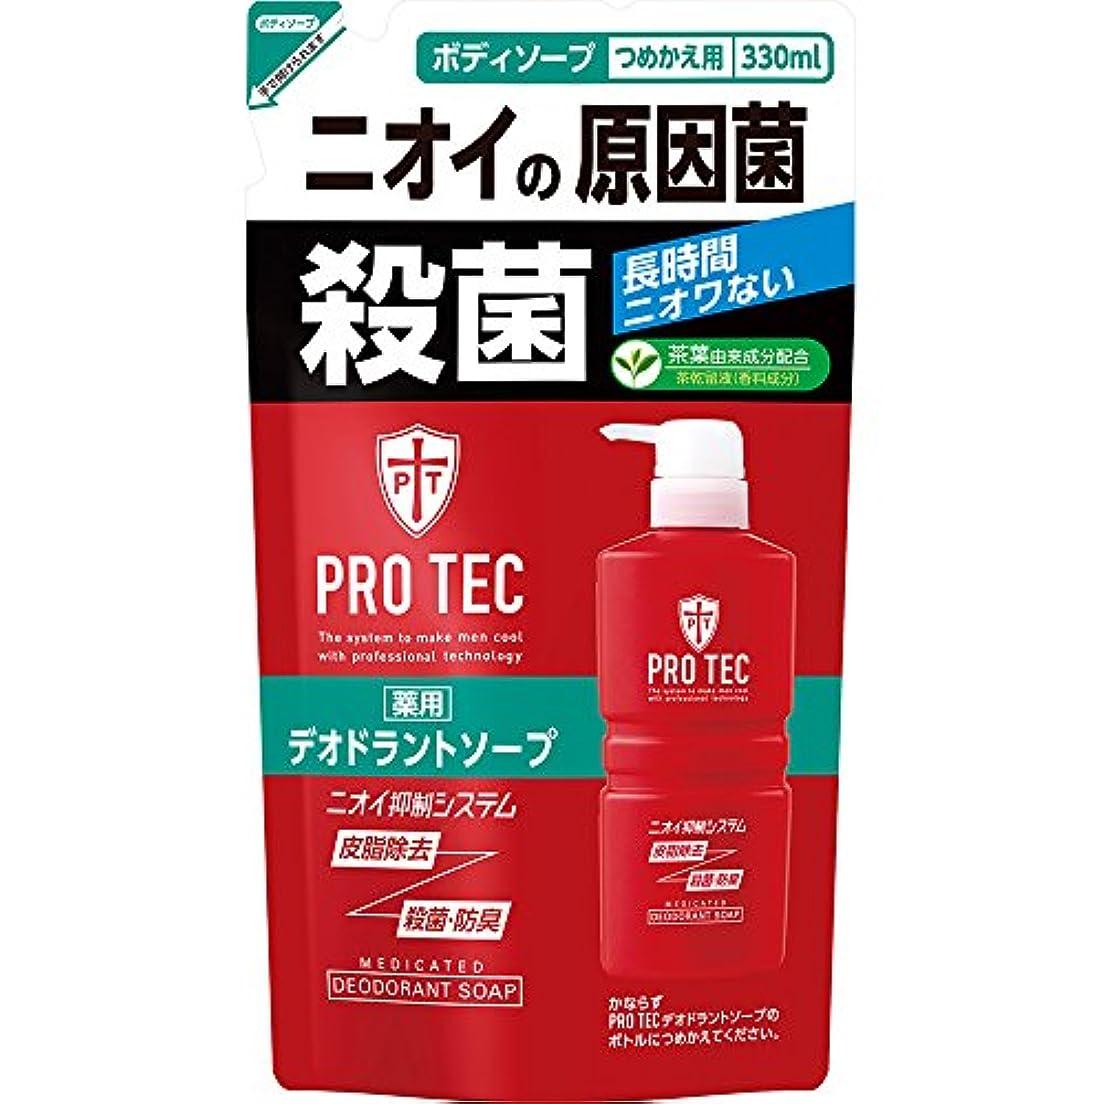 放散するビン階PRO TEC(プロテク) デオドラントソープ つめかえ用330ml×1個(医薬部外品)